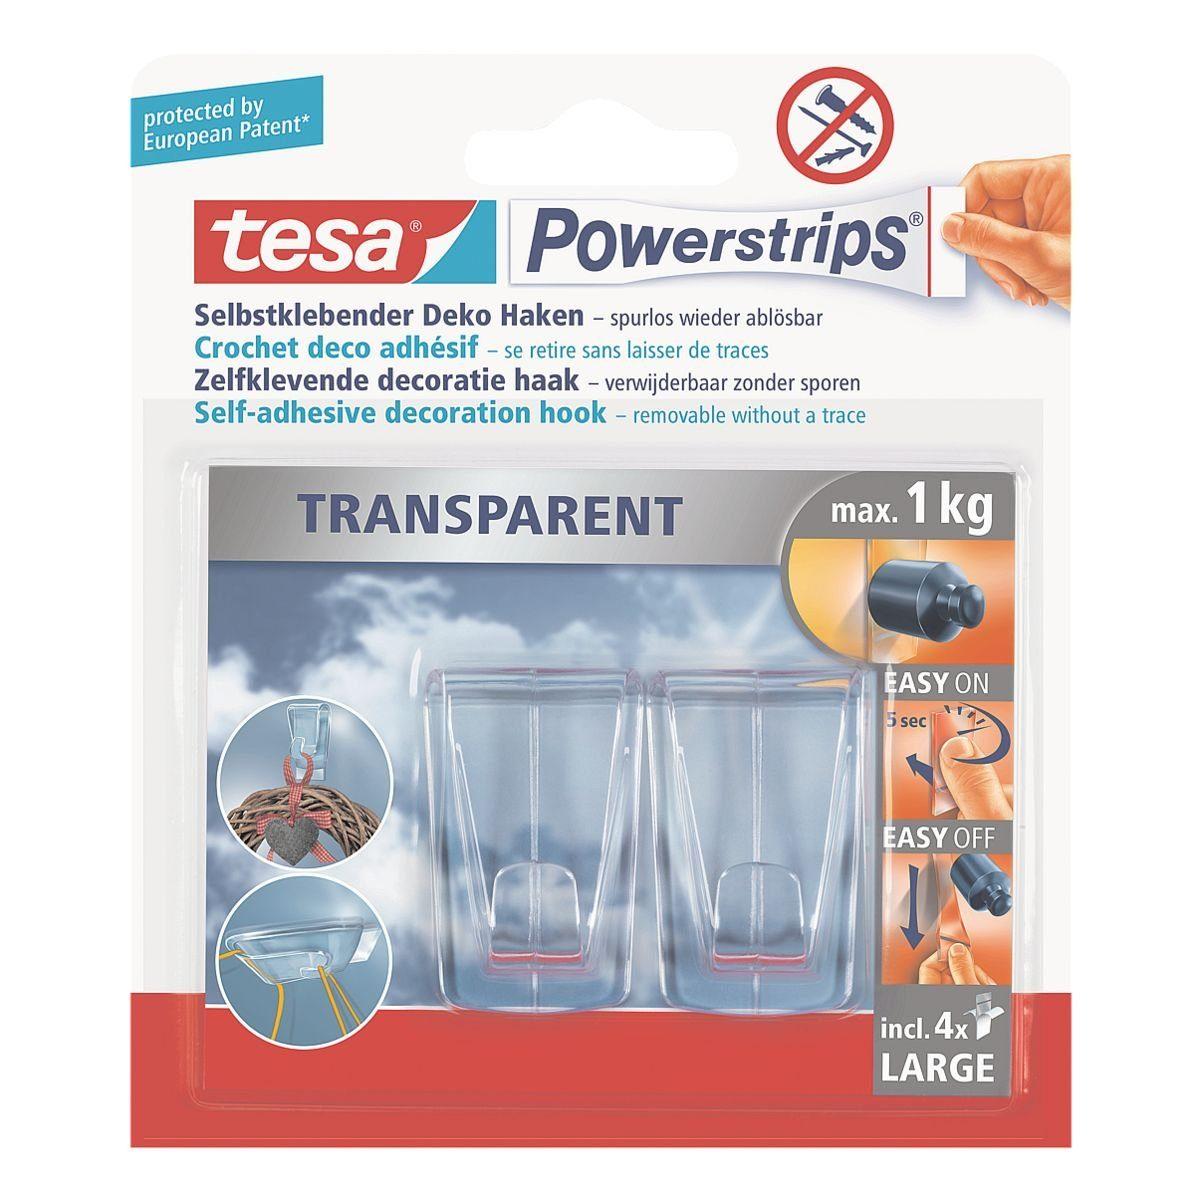 Tesa Powerstrips 58813 bis 1 kg »Transparent Deko-Haken«